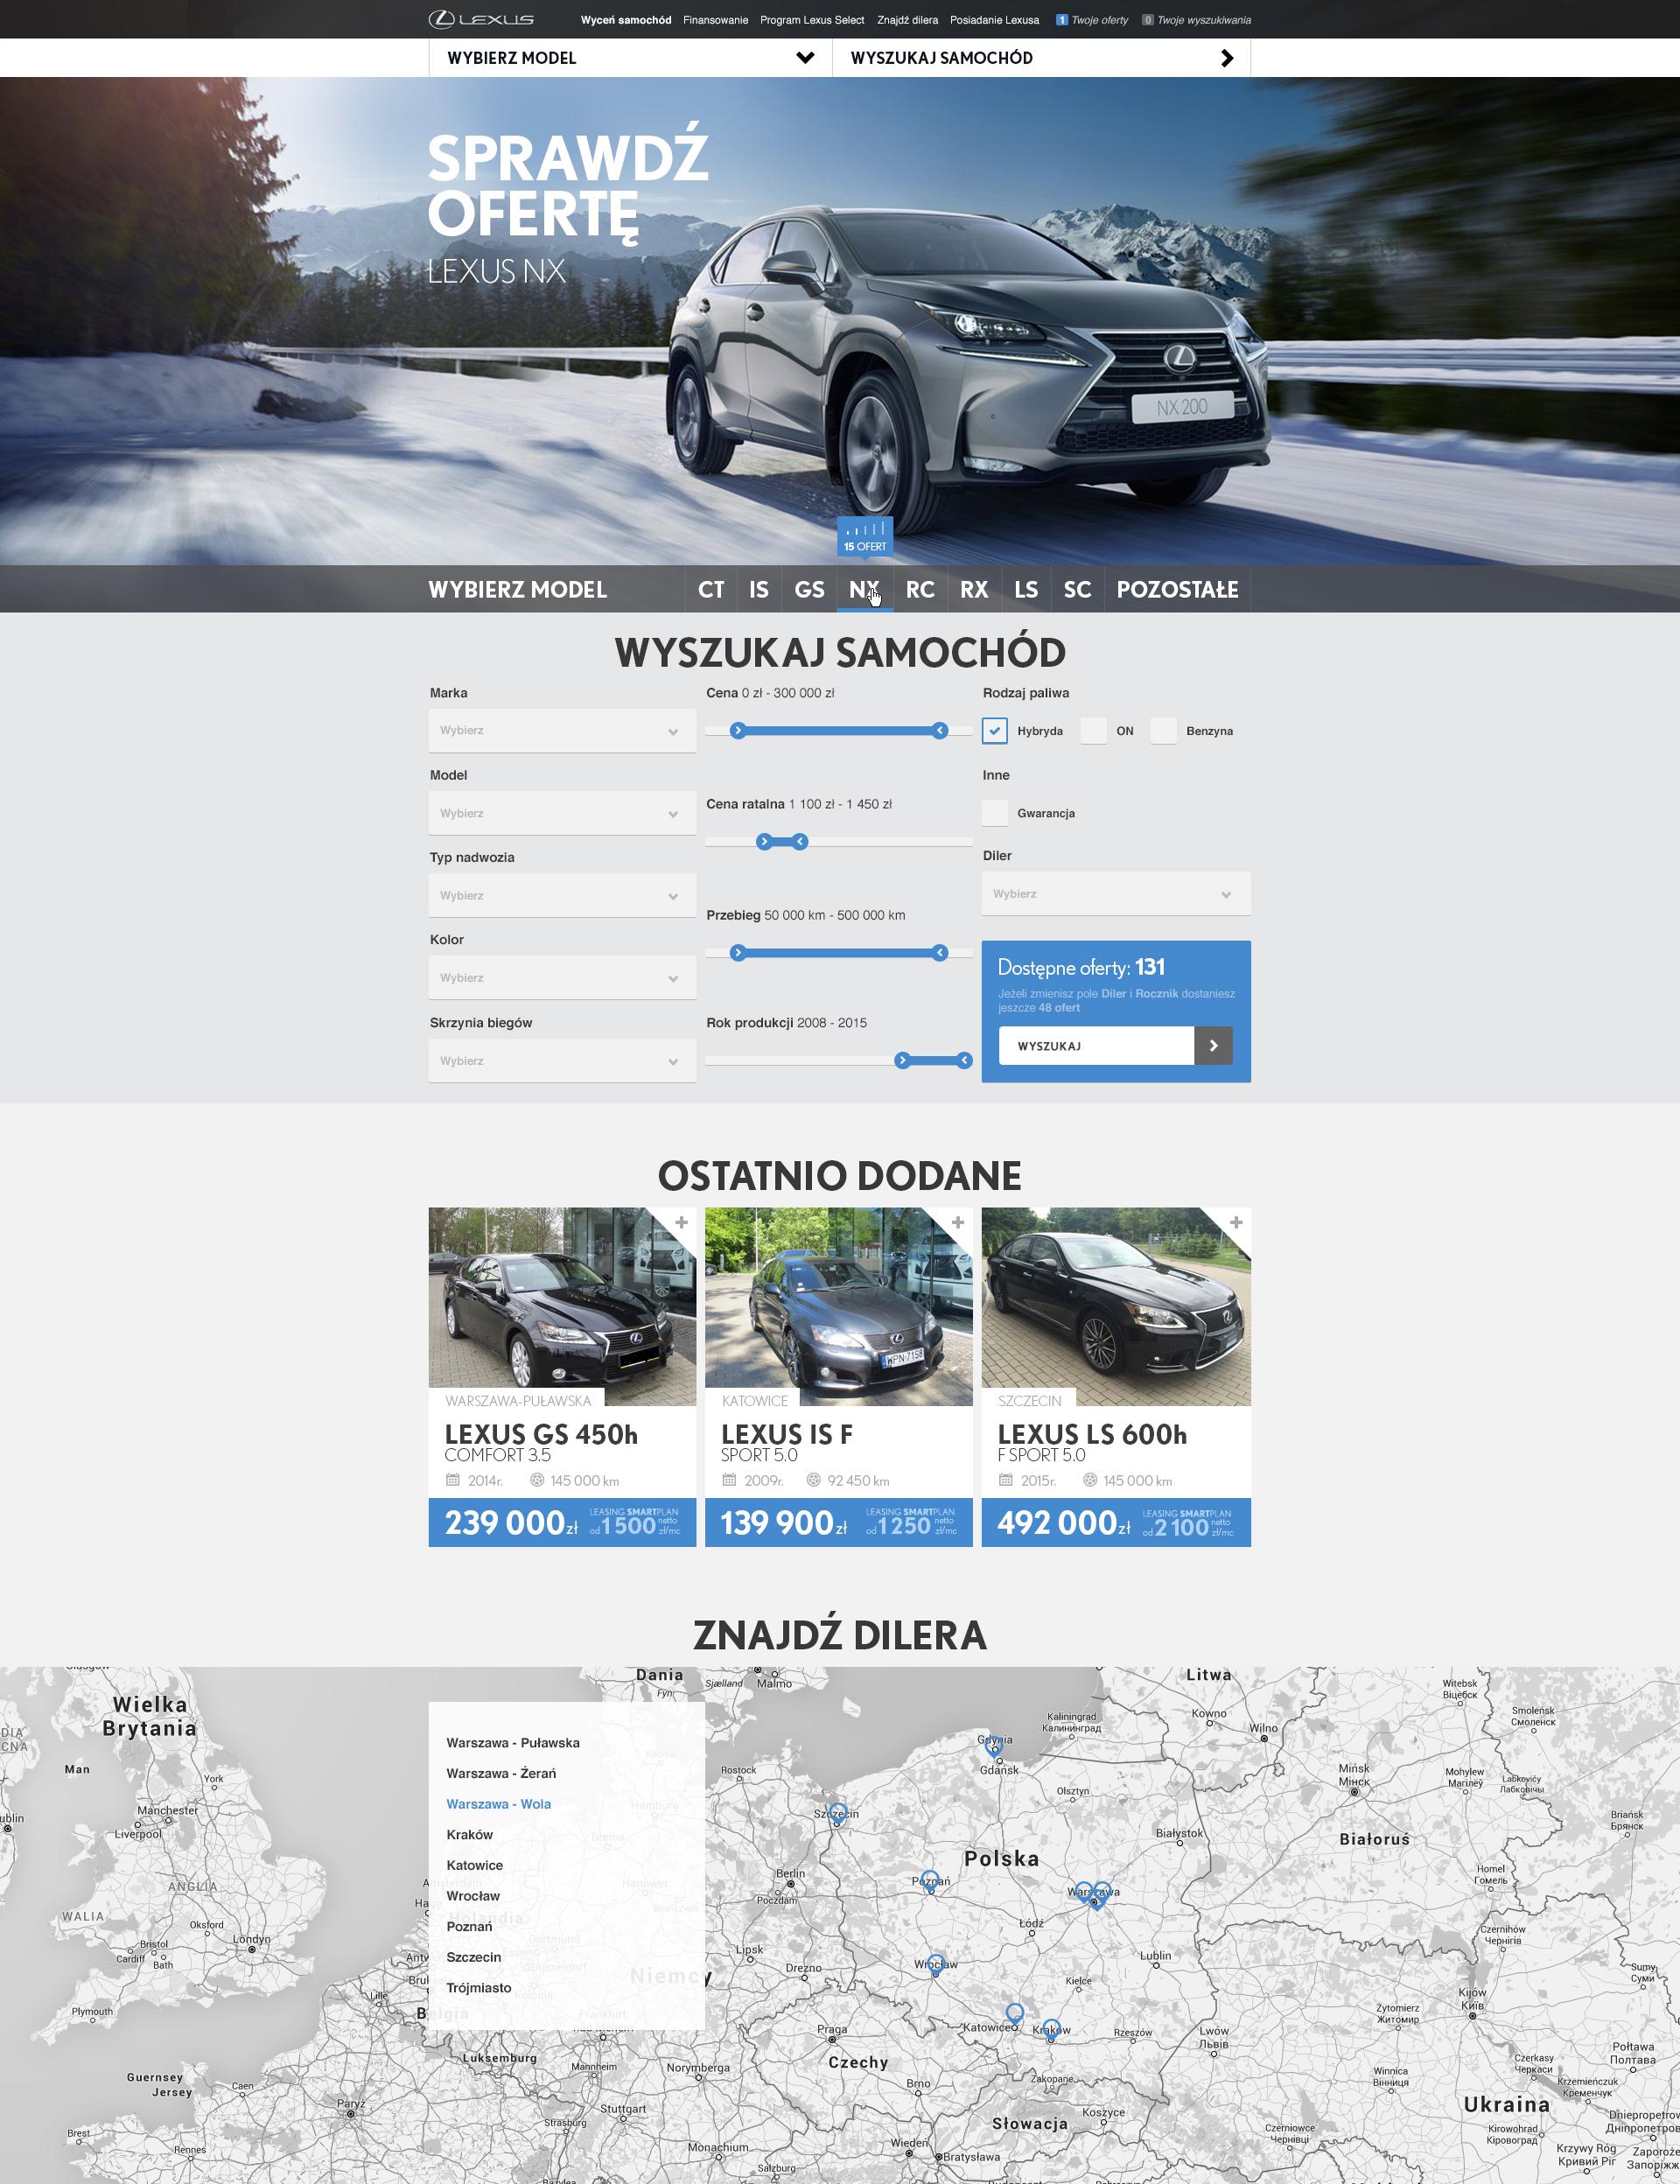 960 lexus uzywane homepage active